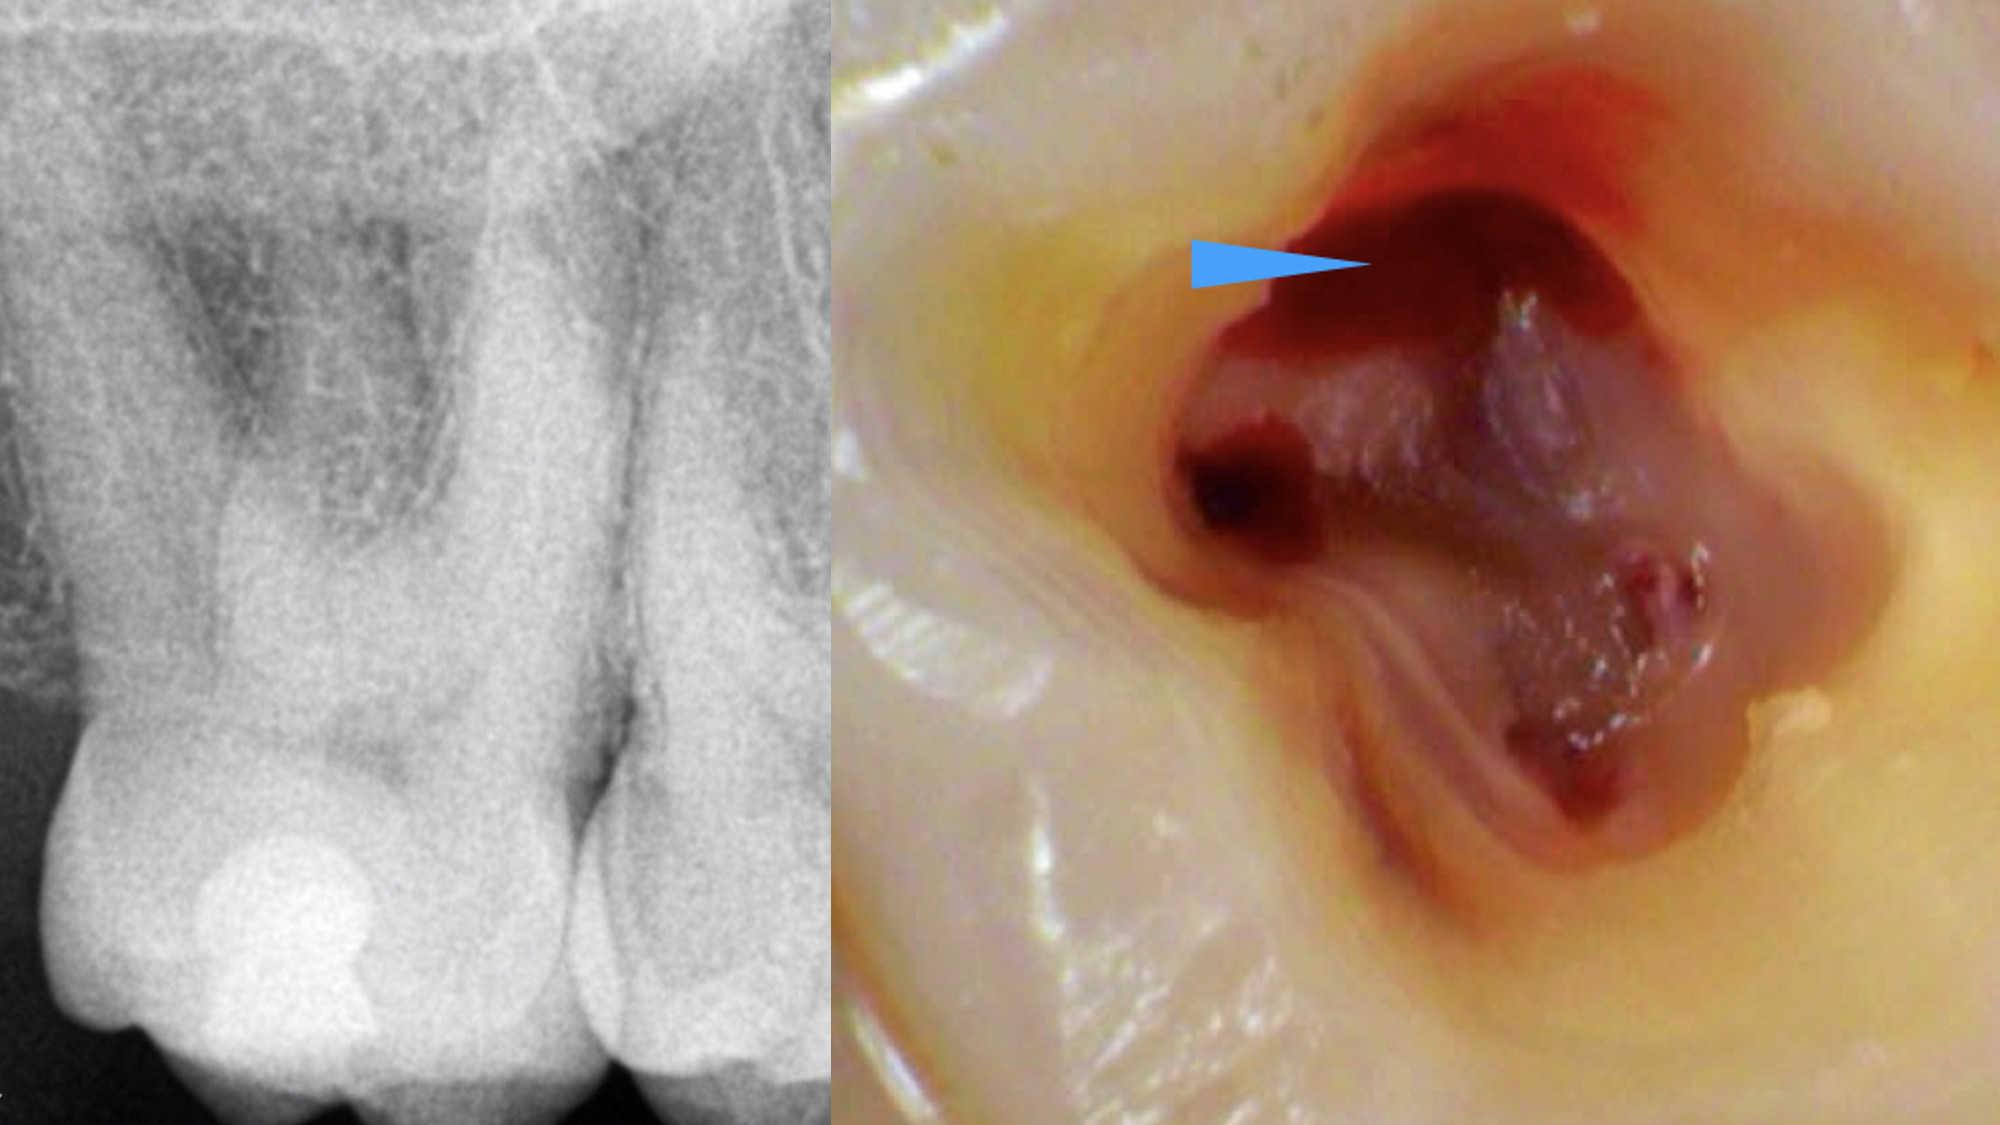 Kliničko lečenje drugog molarnog kanala u maksili u različitim anatomskim situacijama